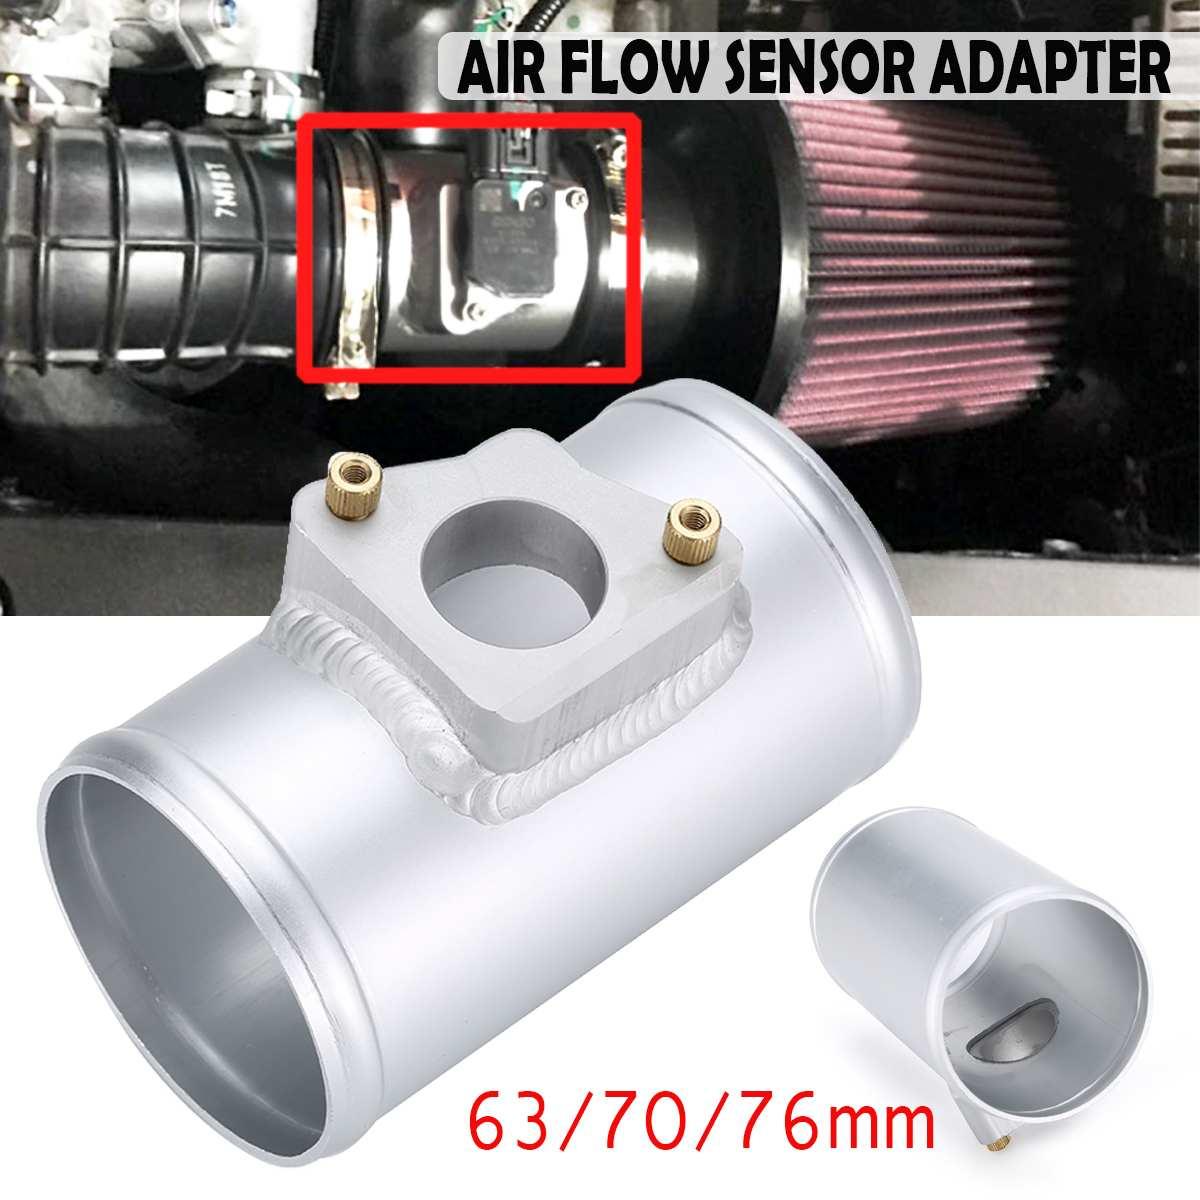 Adaptador de Sensor de flujo de aire montaje de medidor de admisión de aire 63 70 76mm para TOYOTA para MAZDA 3 6 para SUBARU SUZUKI JIMNY MAF